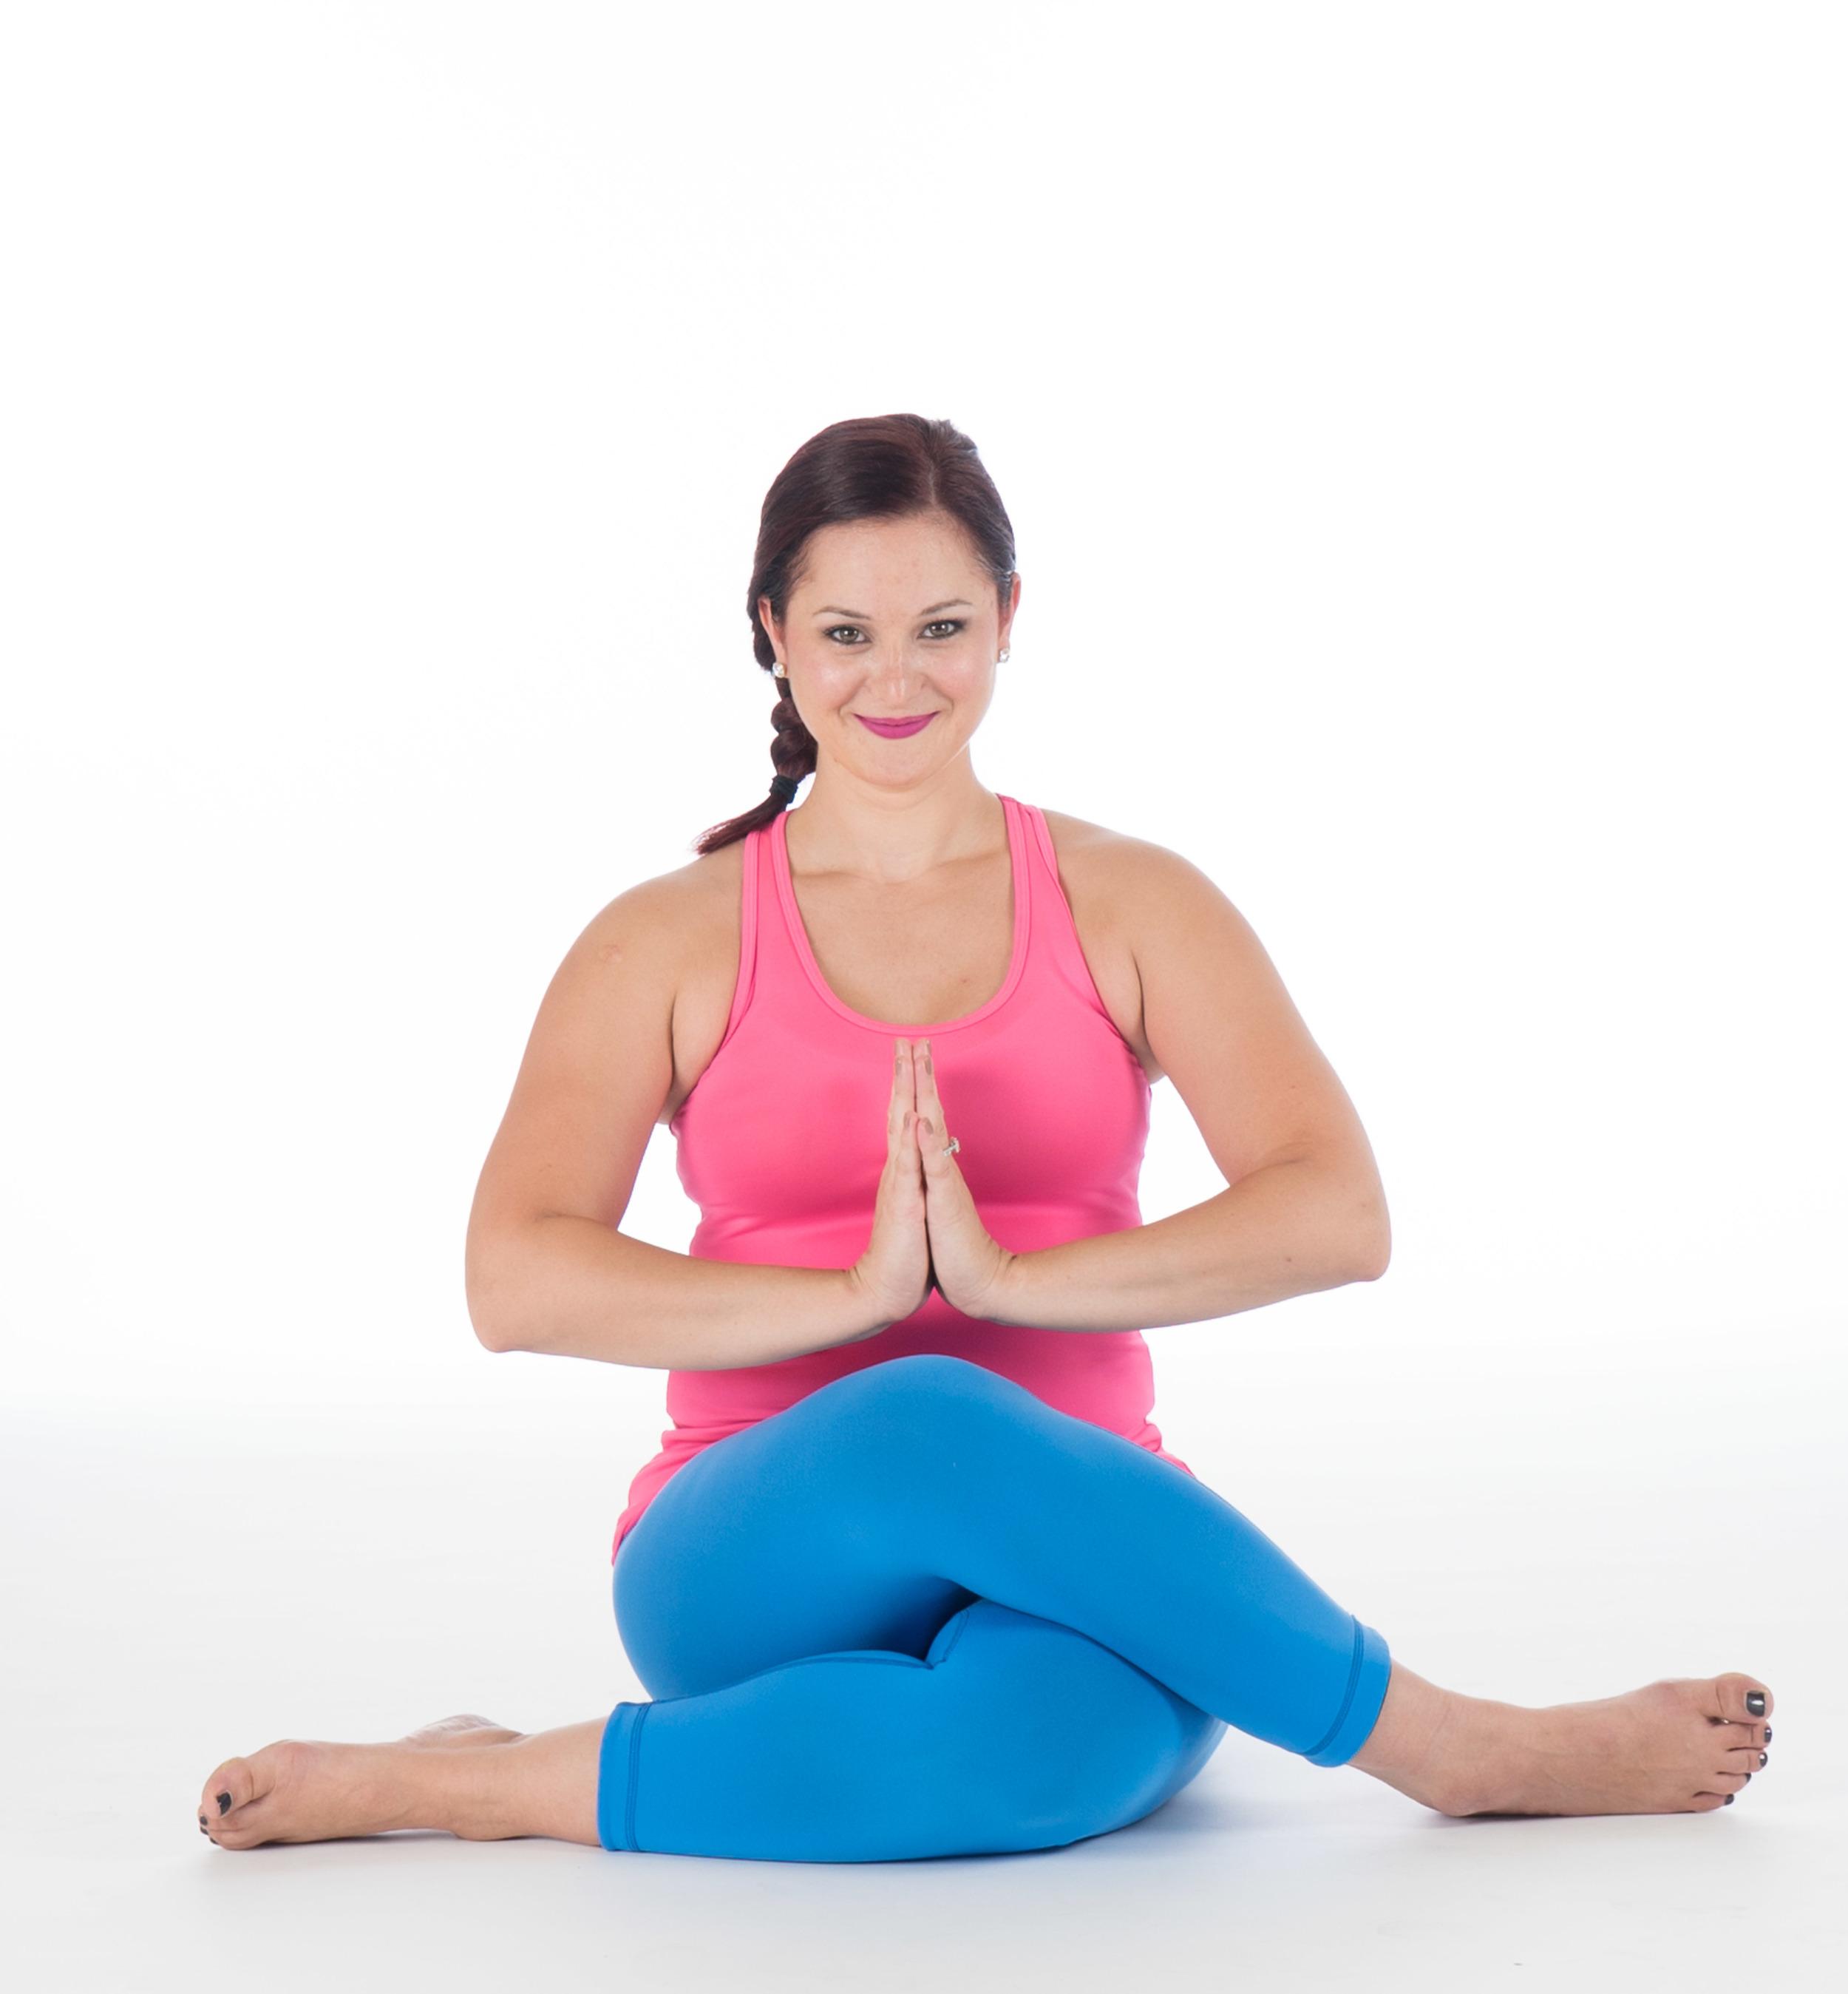 Yoga teacher Debi Darnell LOVES beginners